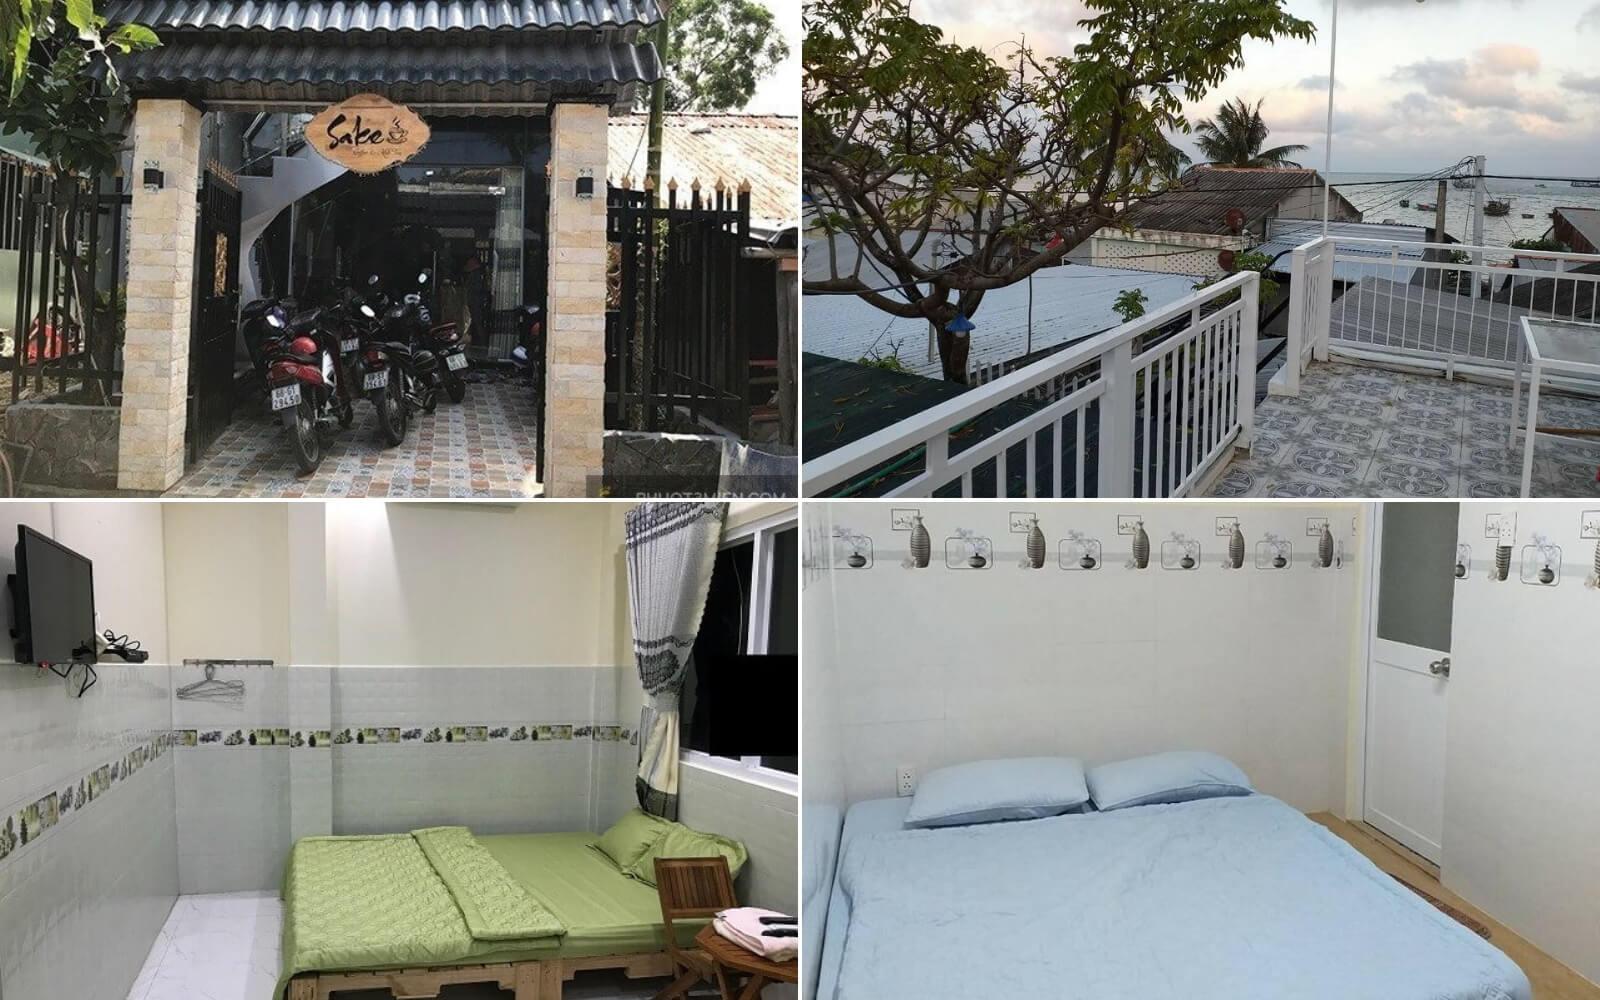 30 Nhà nghỉ homestay Hòn Sơn Kiên Giang giá rẻ gần biển đẹp từ 100k